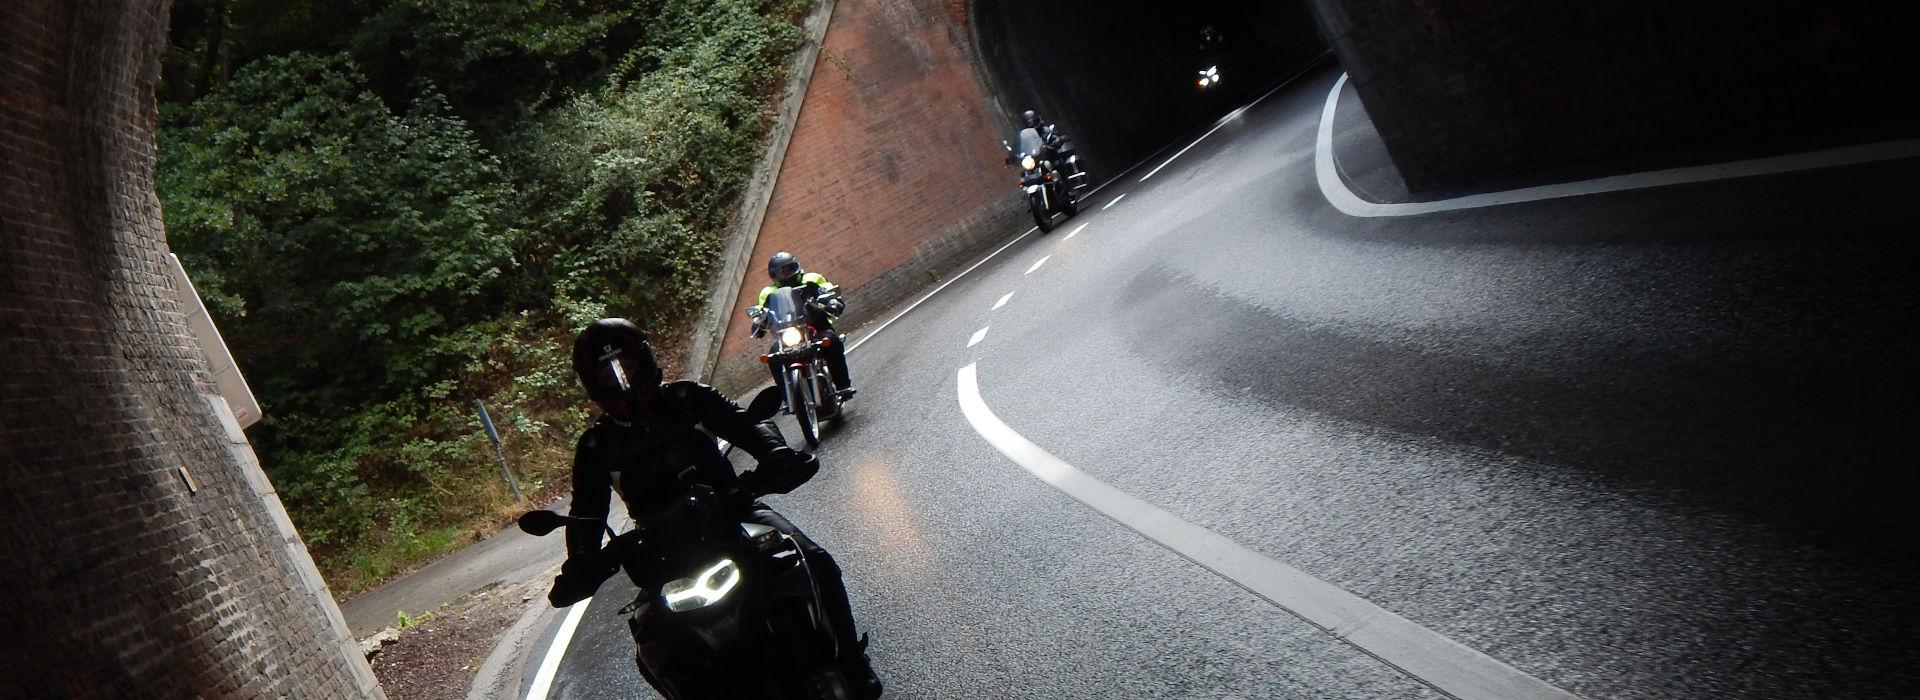 Motorrijbewijspoint Wormerveer spoed motorrijbewijs